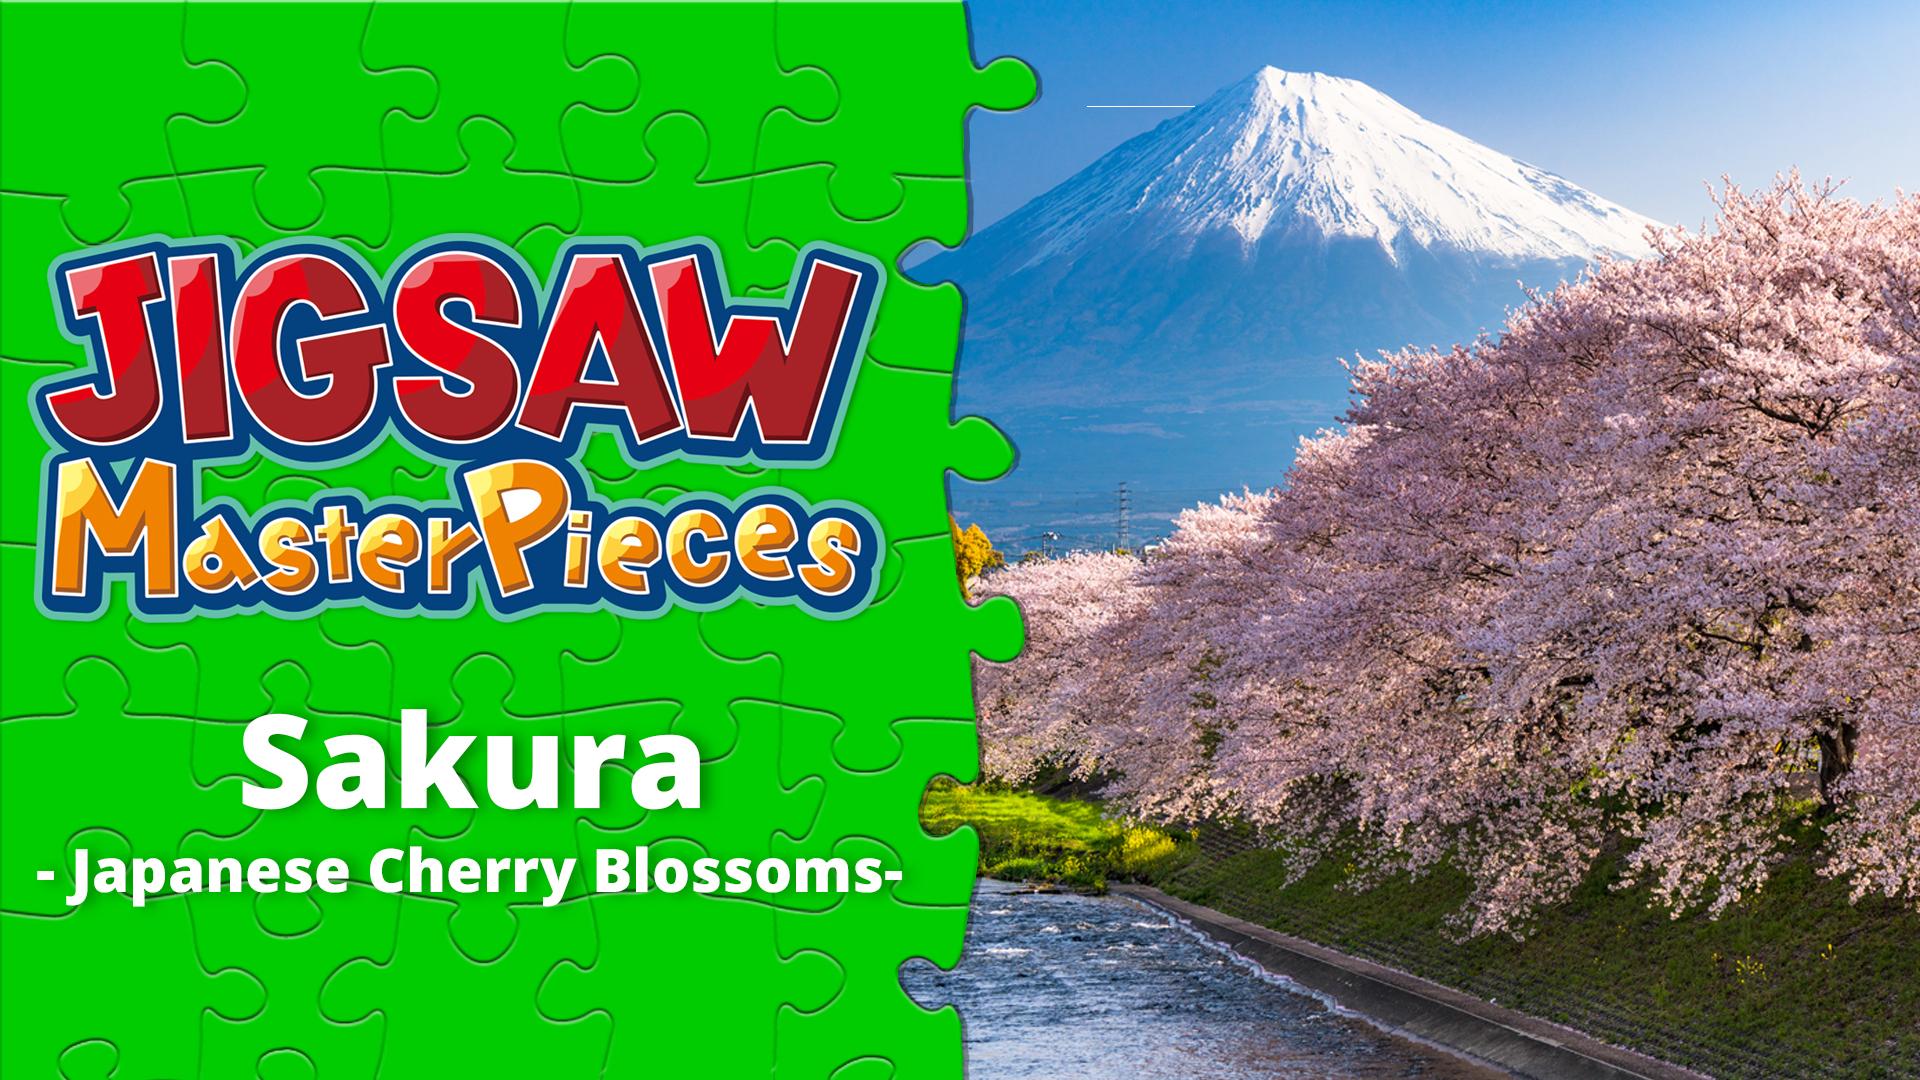 Sakura - Japanese Cherry Blossoms -